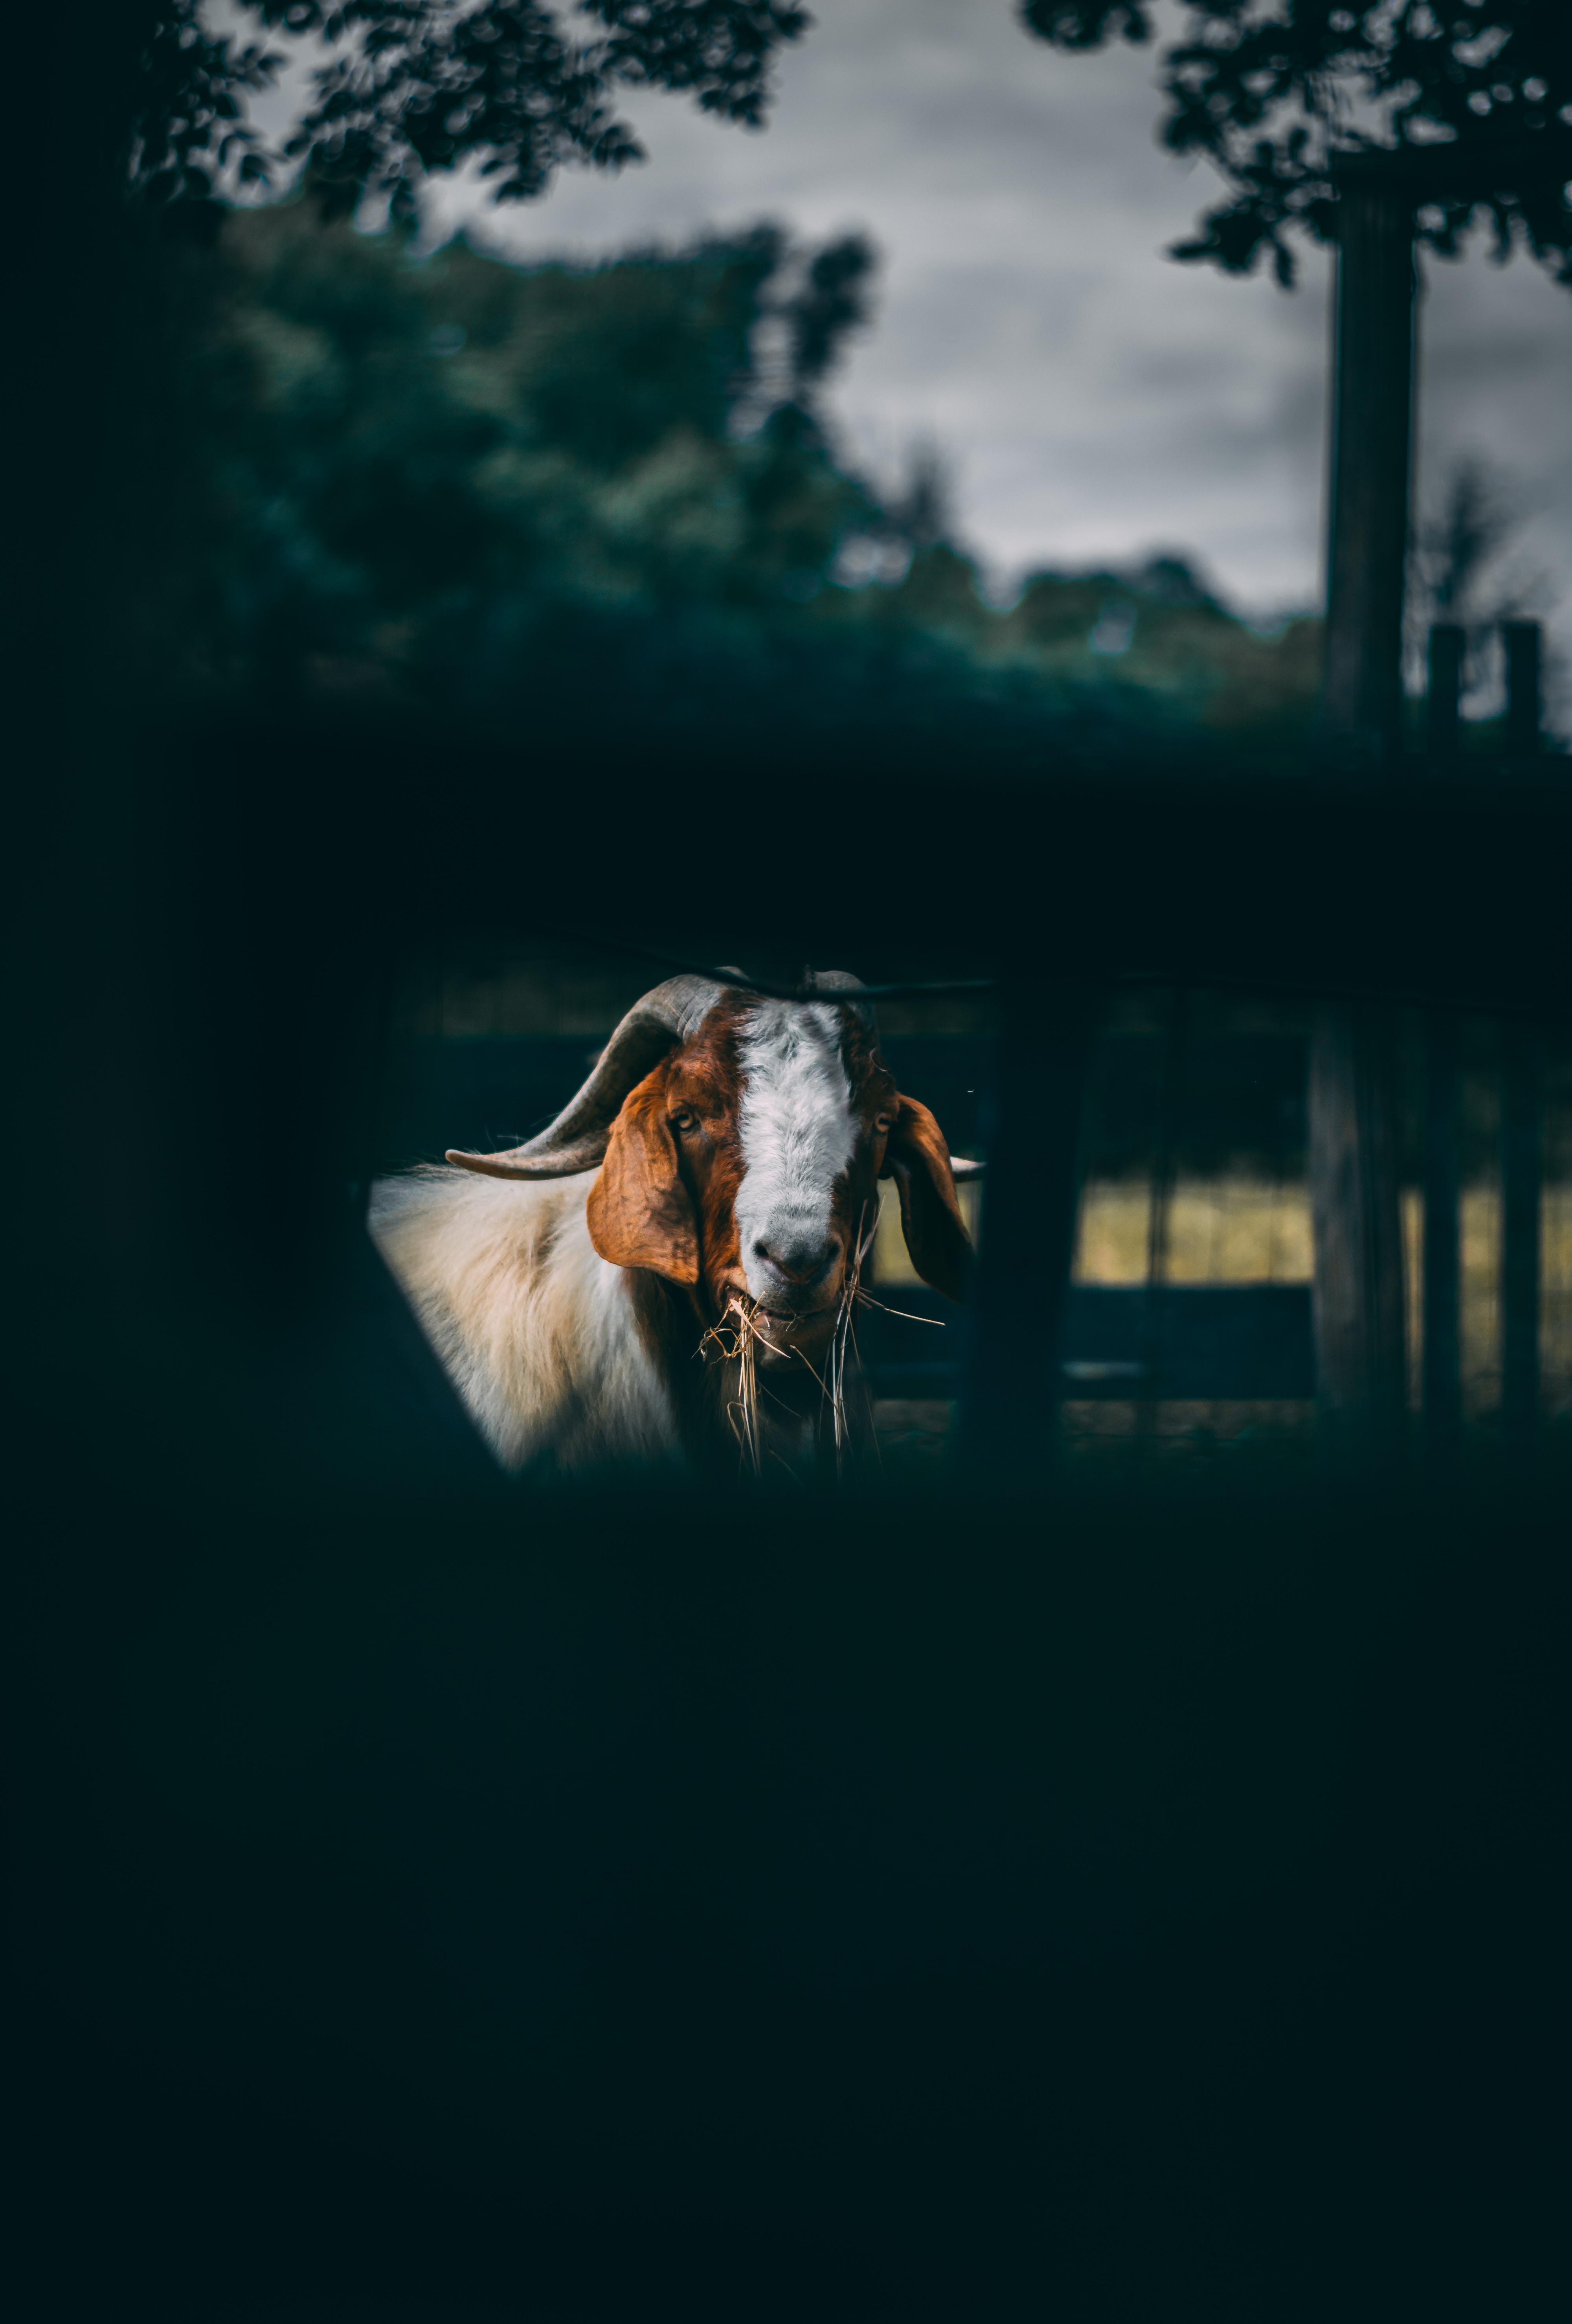 tilt shift lens photo of white and brown goat